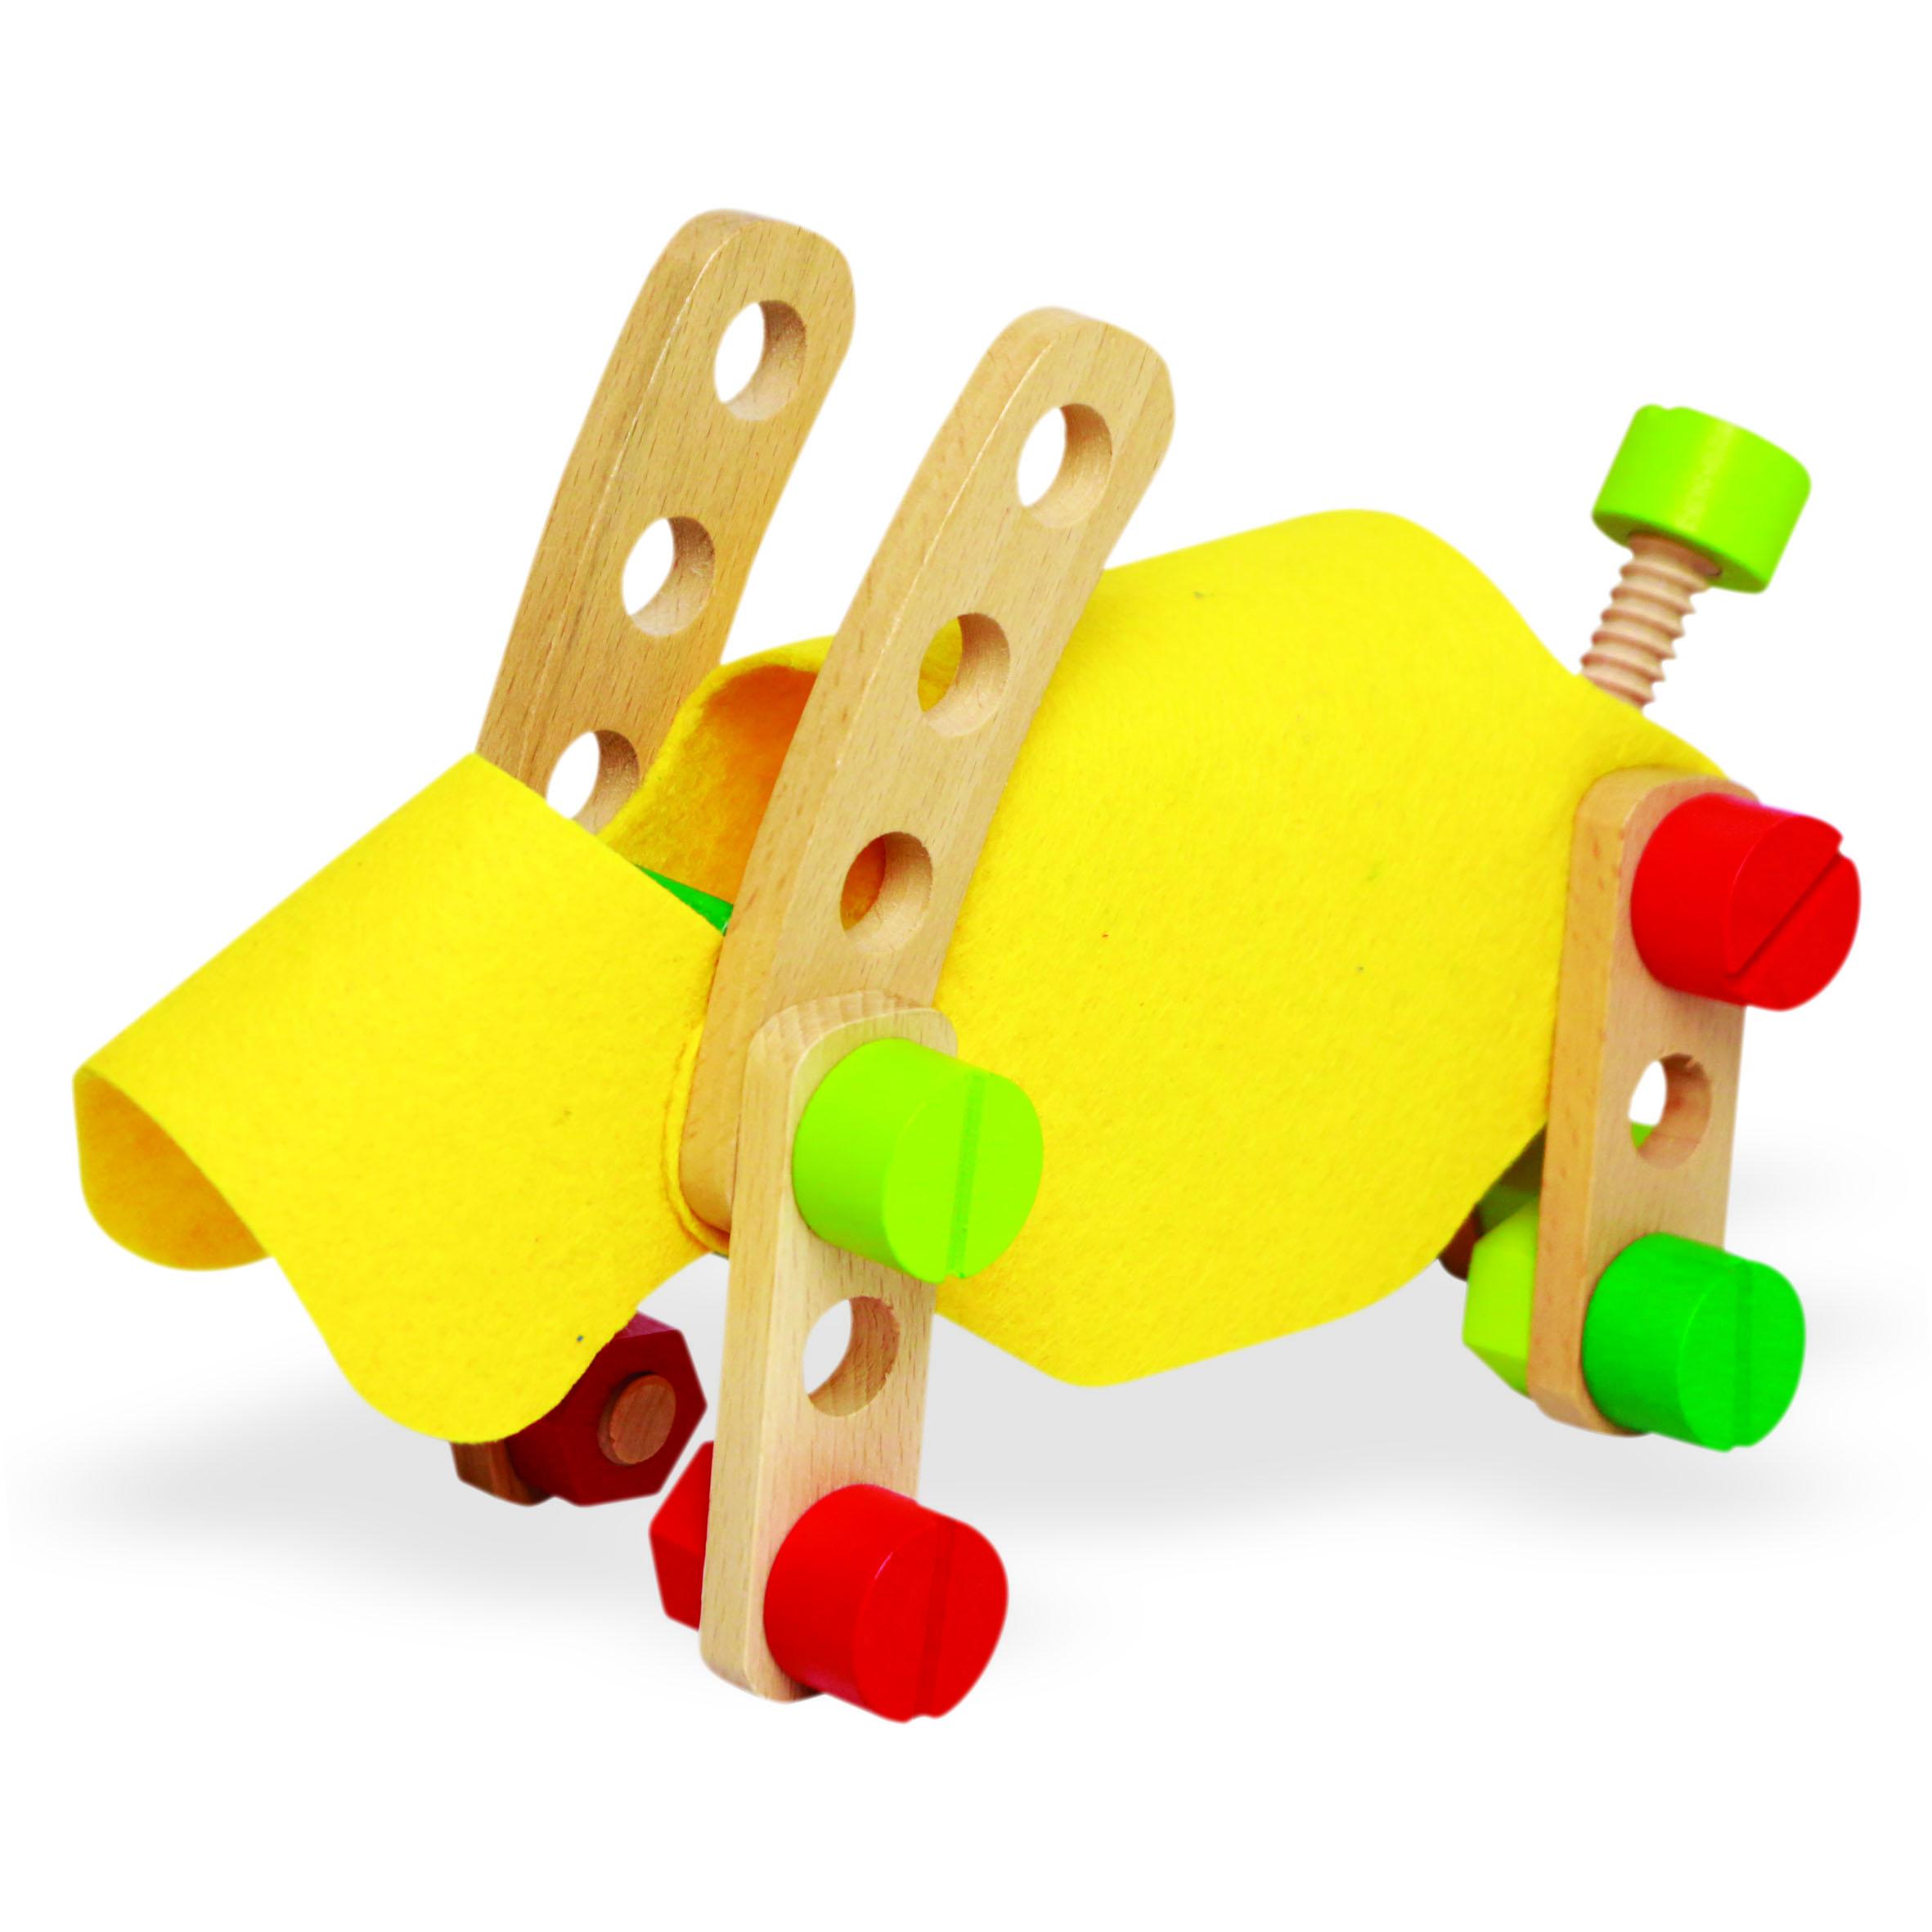 Bộ đồ chơi Lắp Ráp Kỹ Thuật Woody